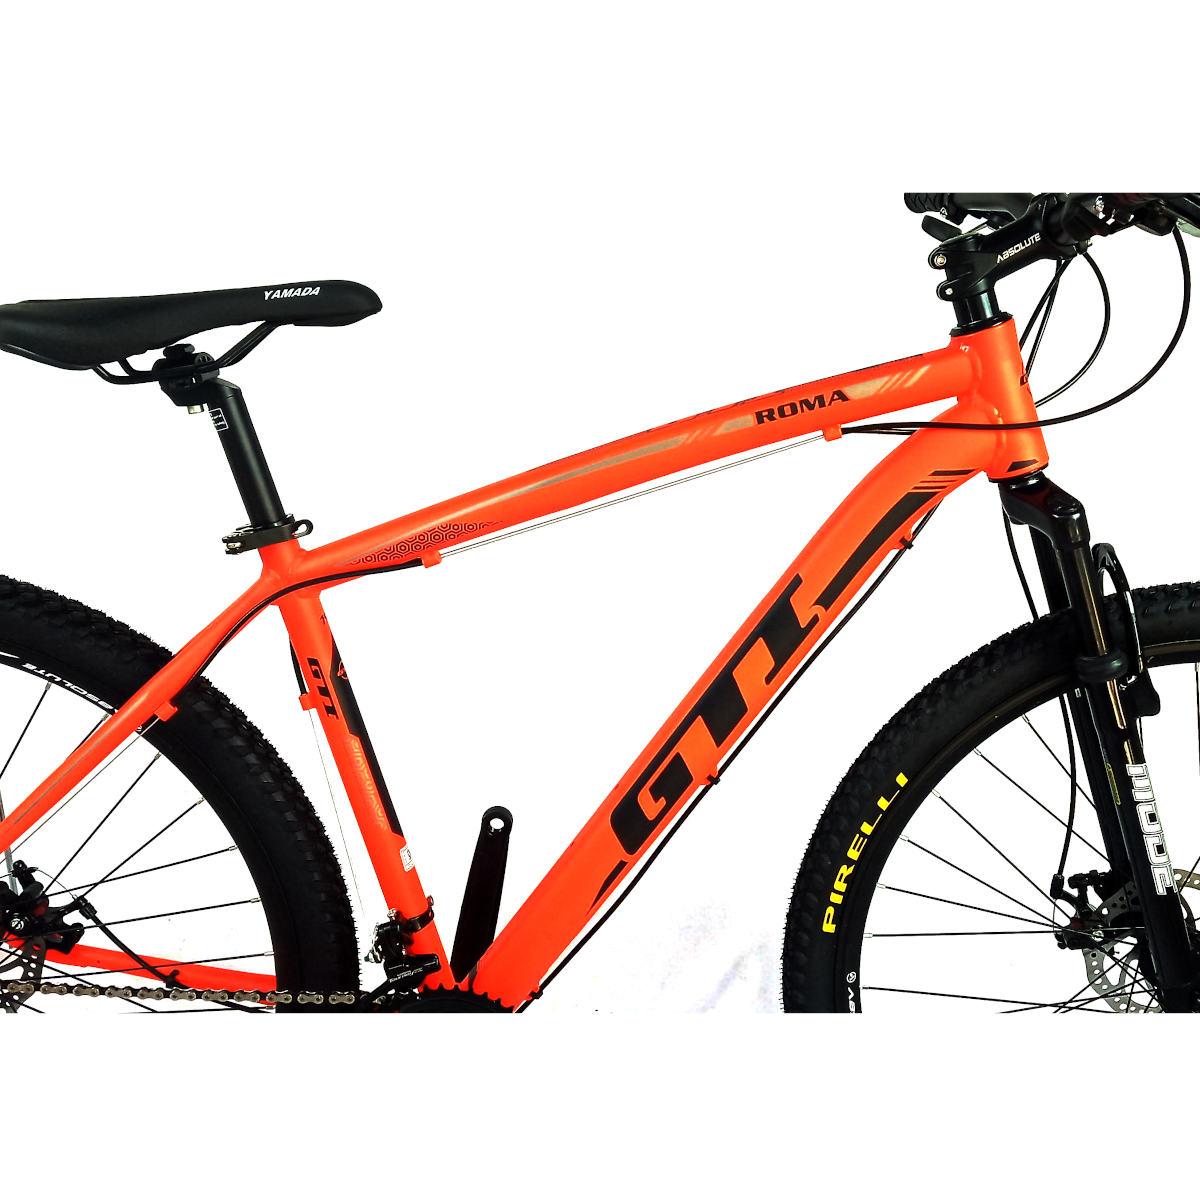 Bicicleta GTI Roma  Aro 29  Laranja